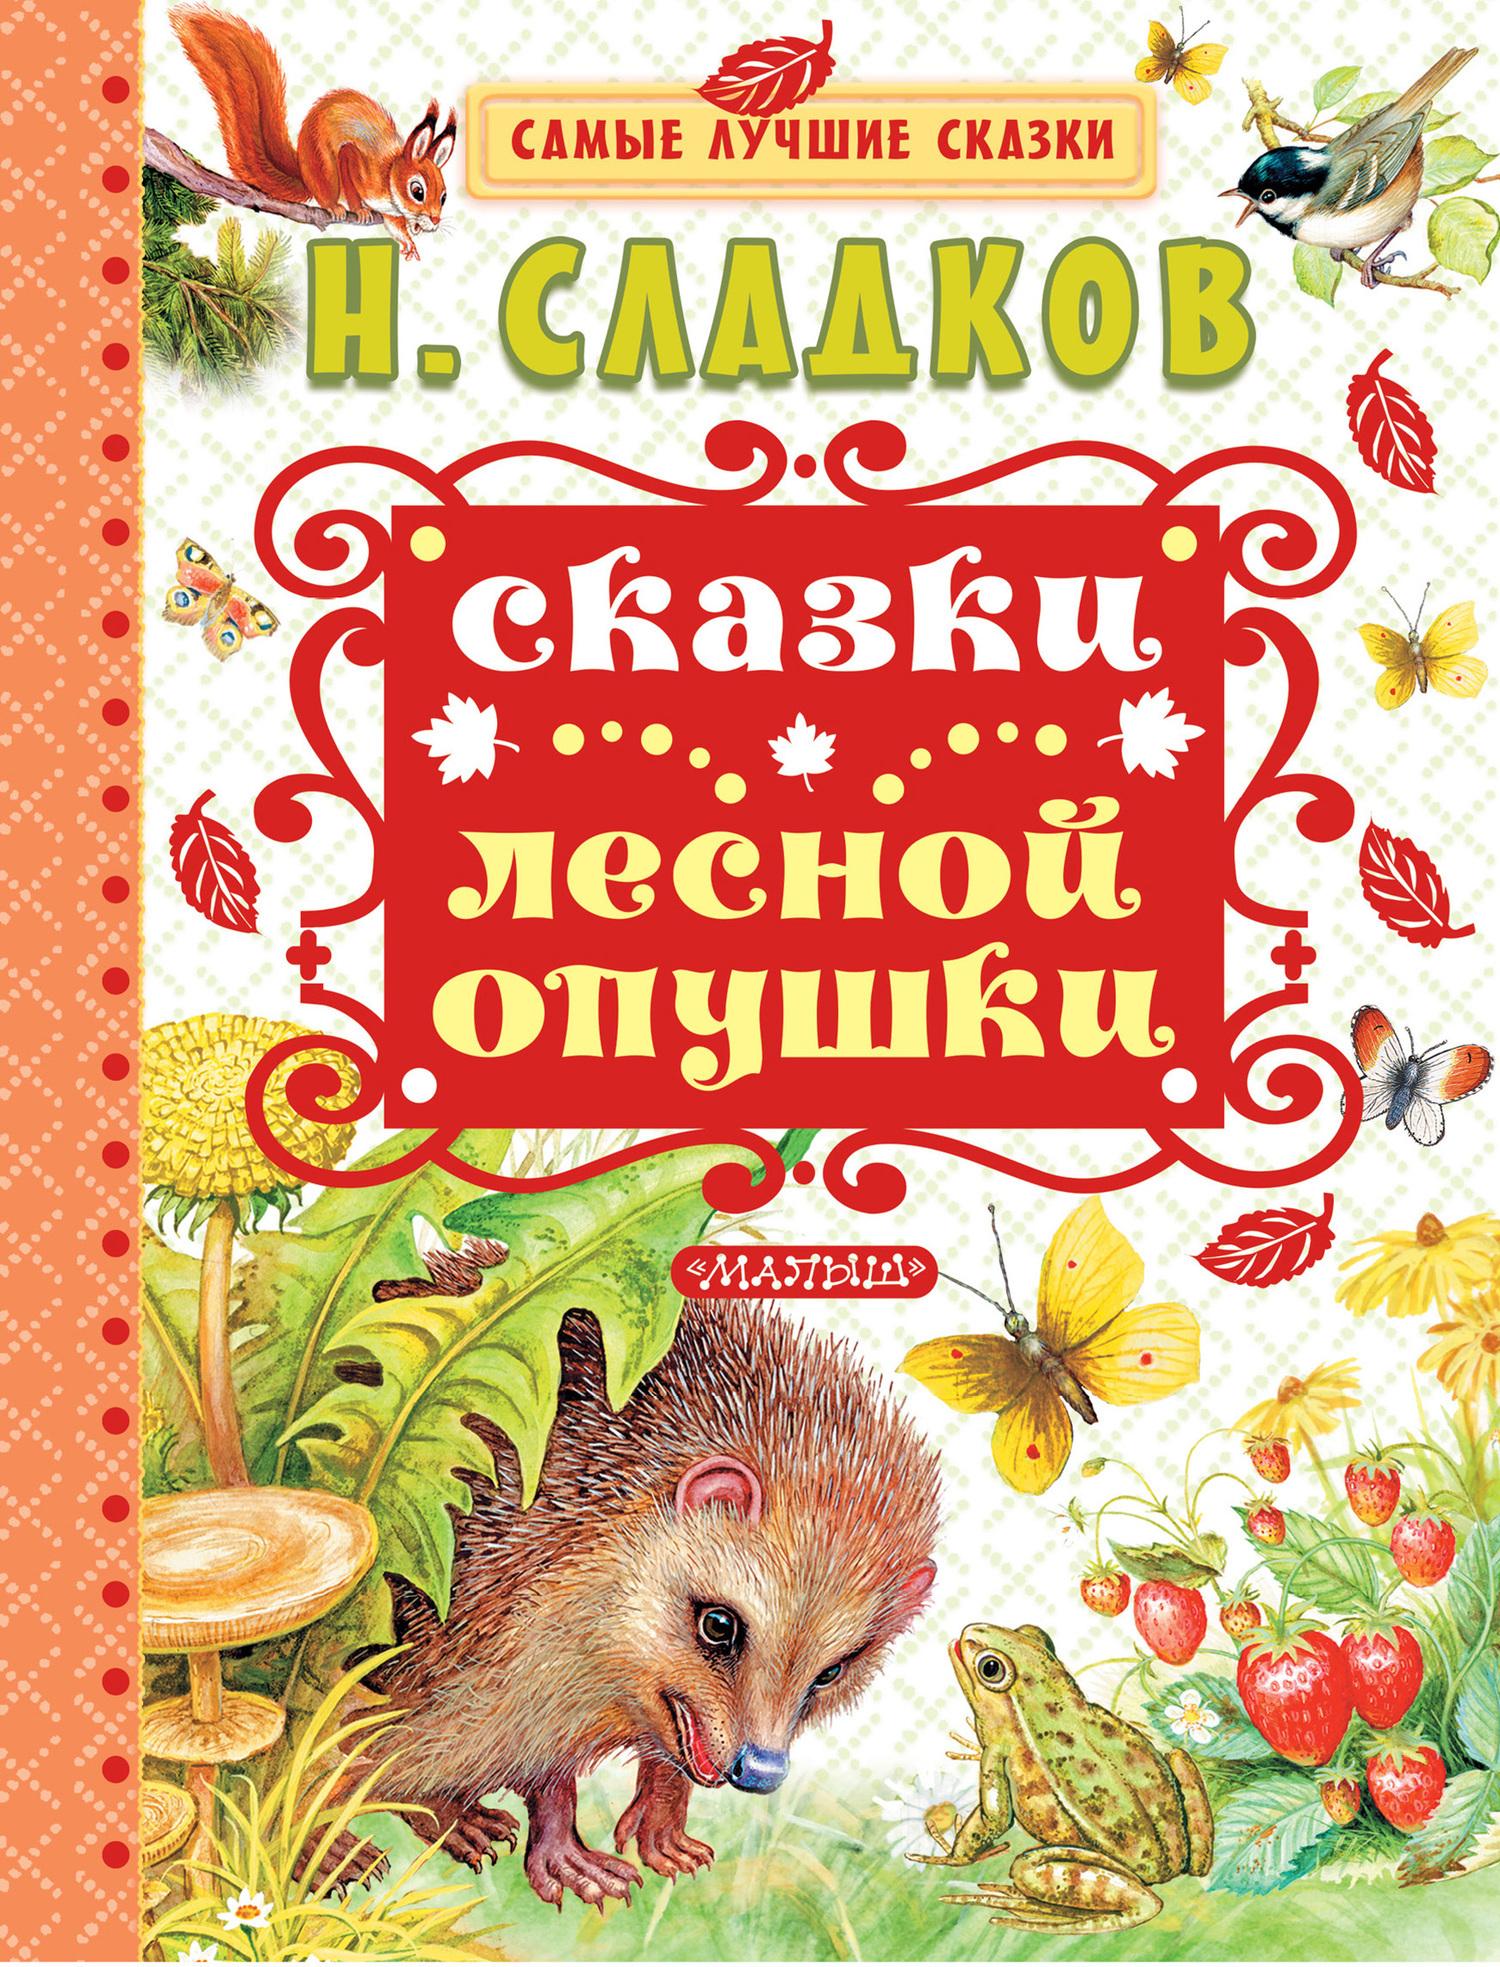 Николай Сладков - Сказки лесной опушки (сборник)